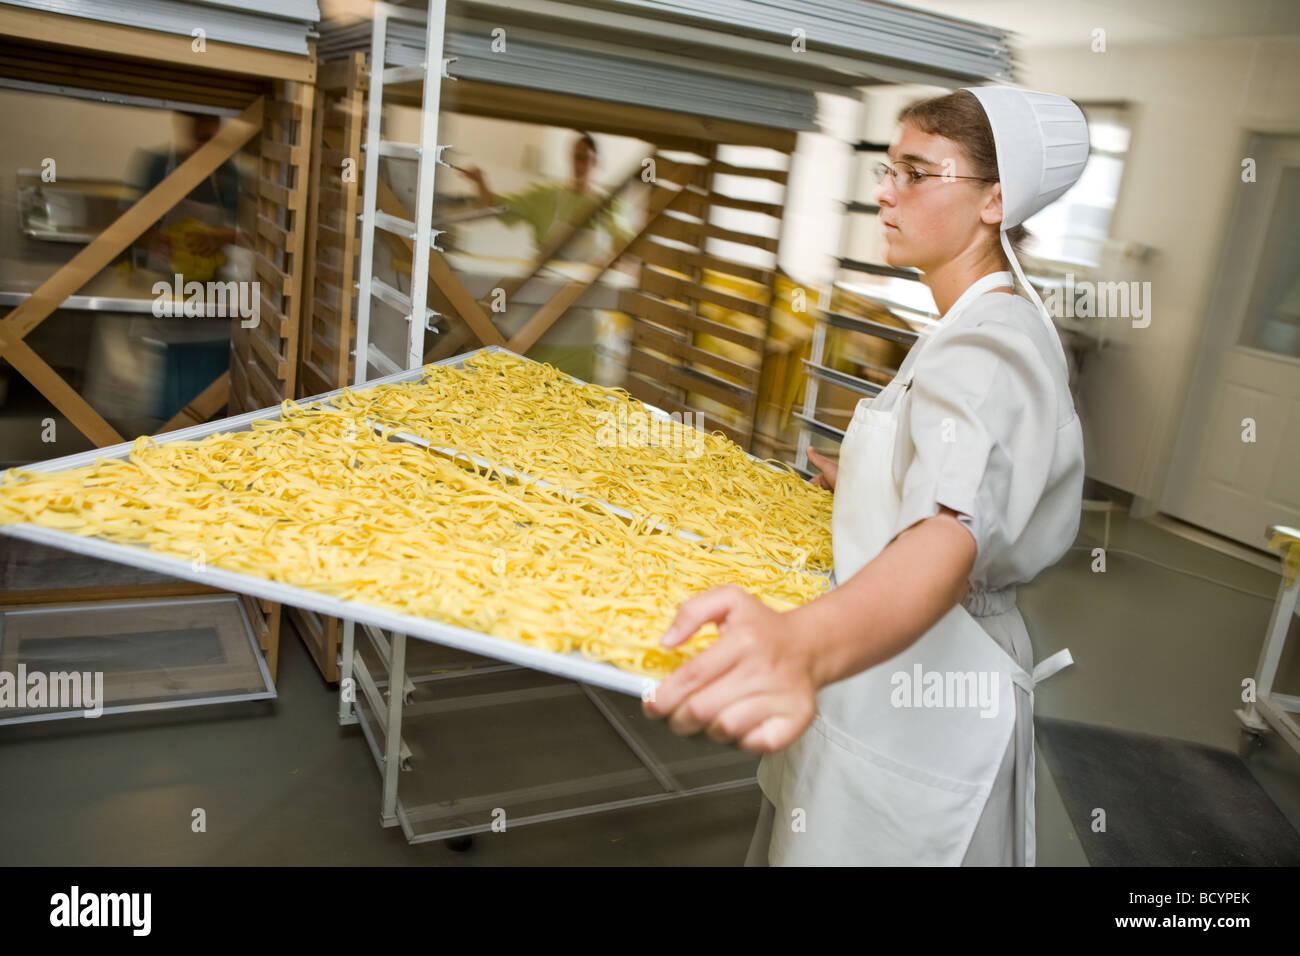 Las mujeres Amish haciendo Egg Noodles en Middlebury Indiana Imagen De Stock c665a4dea92